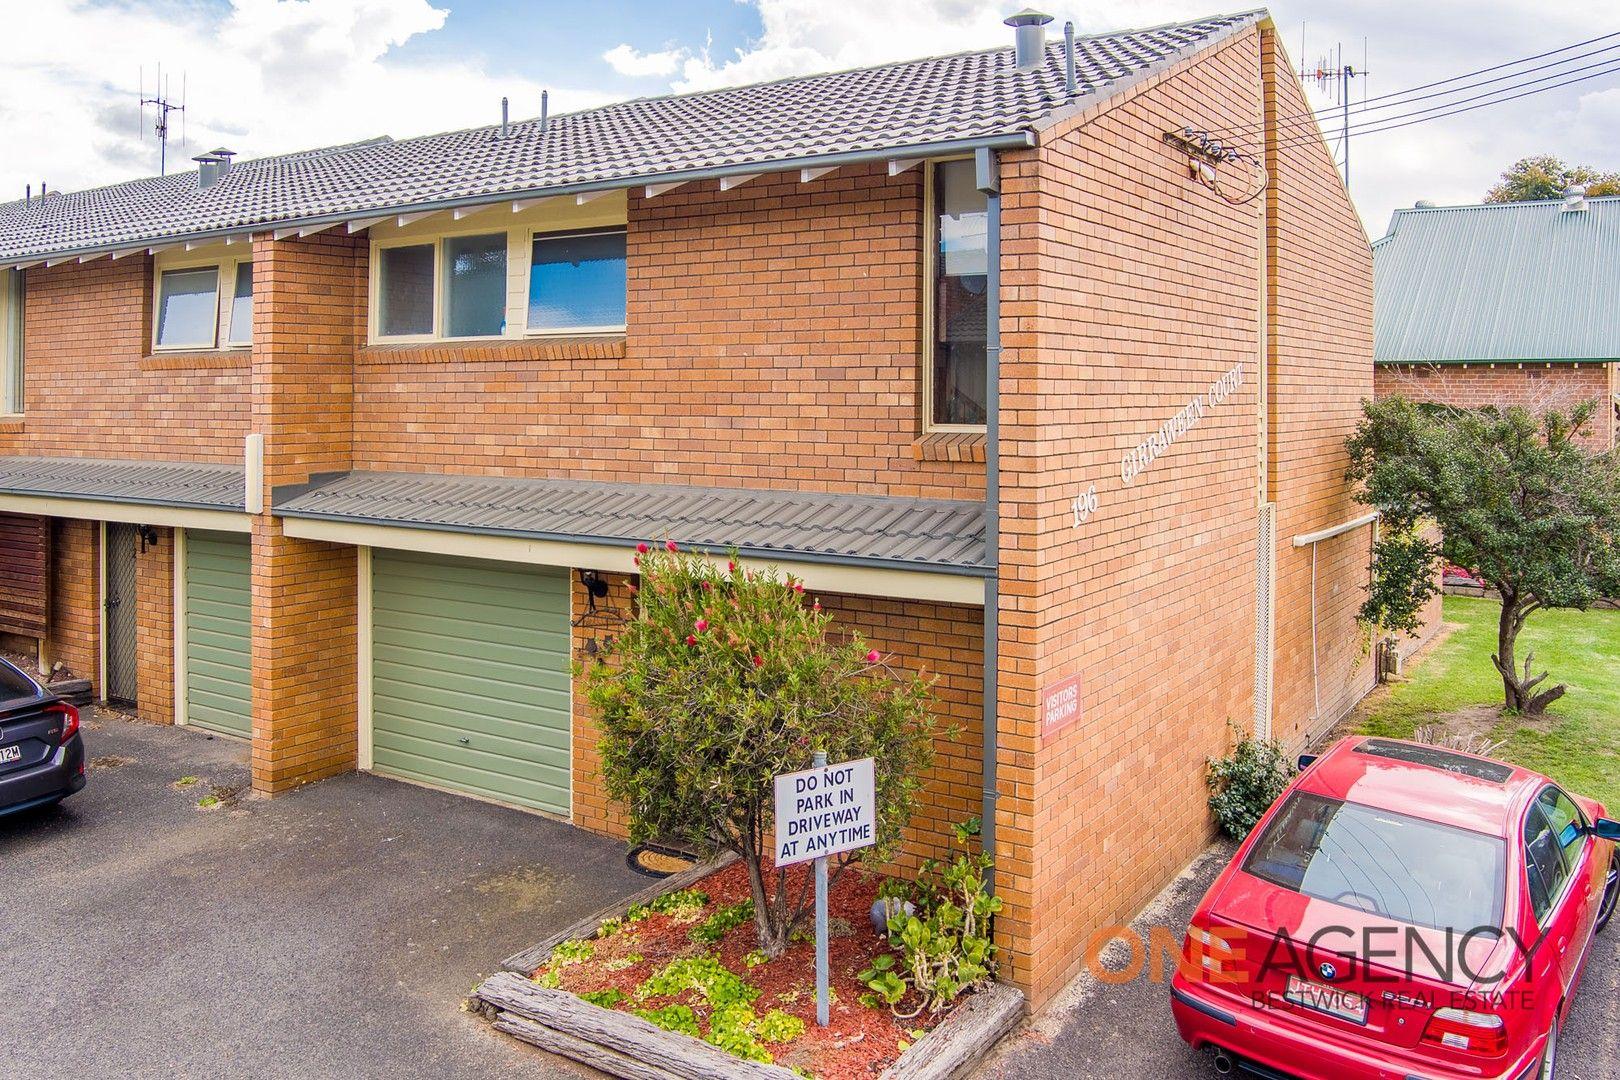 1/196 Keppel Street, Bathurst NSW 2795, Image 0